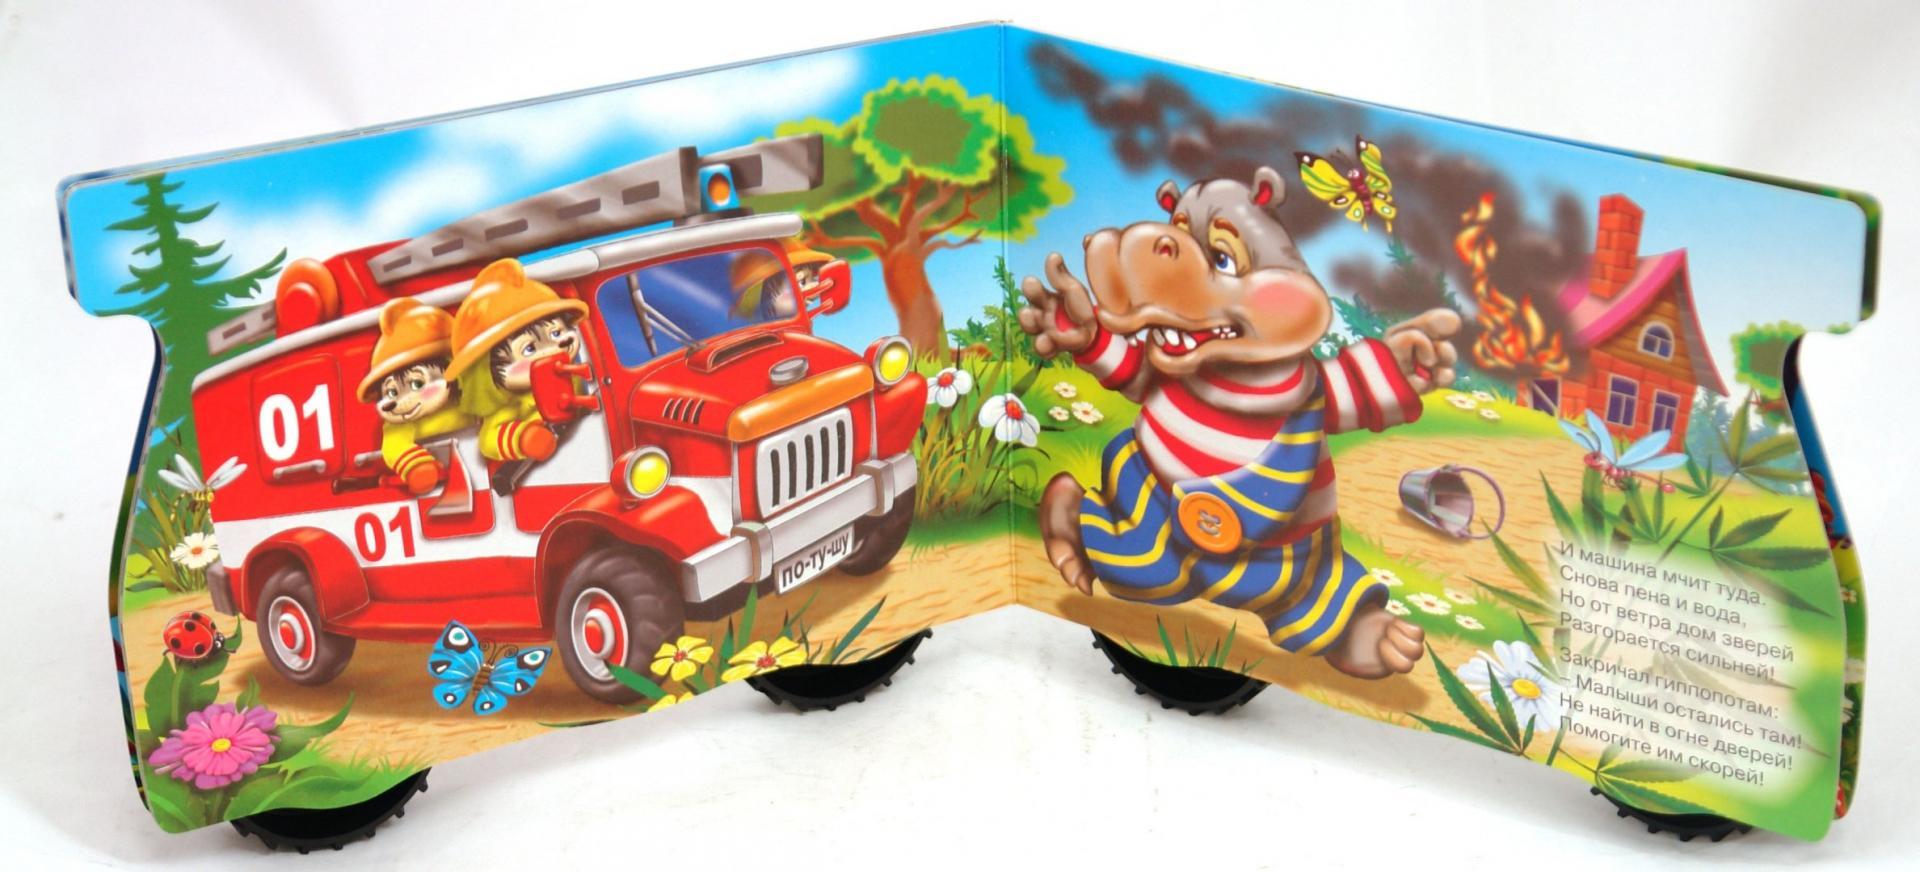 Иллюстрация 1 из 16 для Пожарная машина - Ольга Корнеева   Лабиринт - книги. Источник: Лабиринт